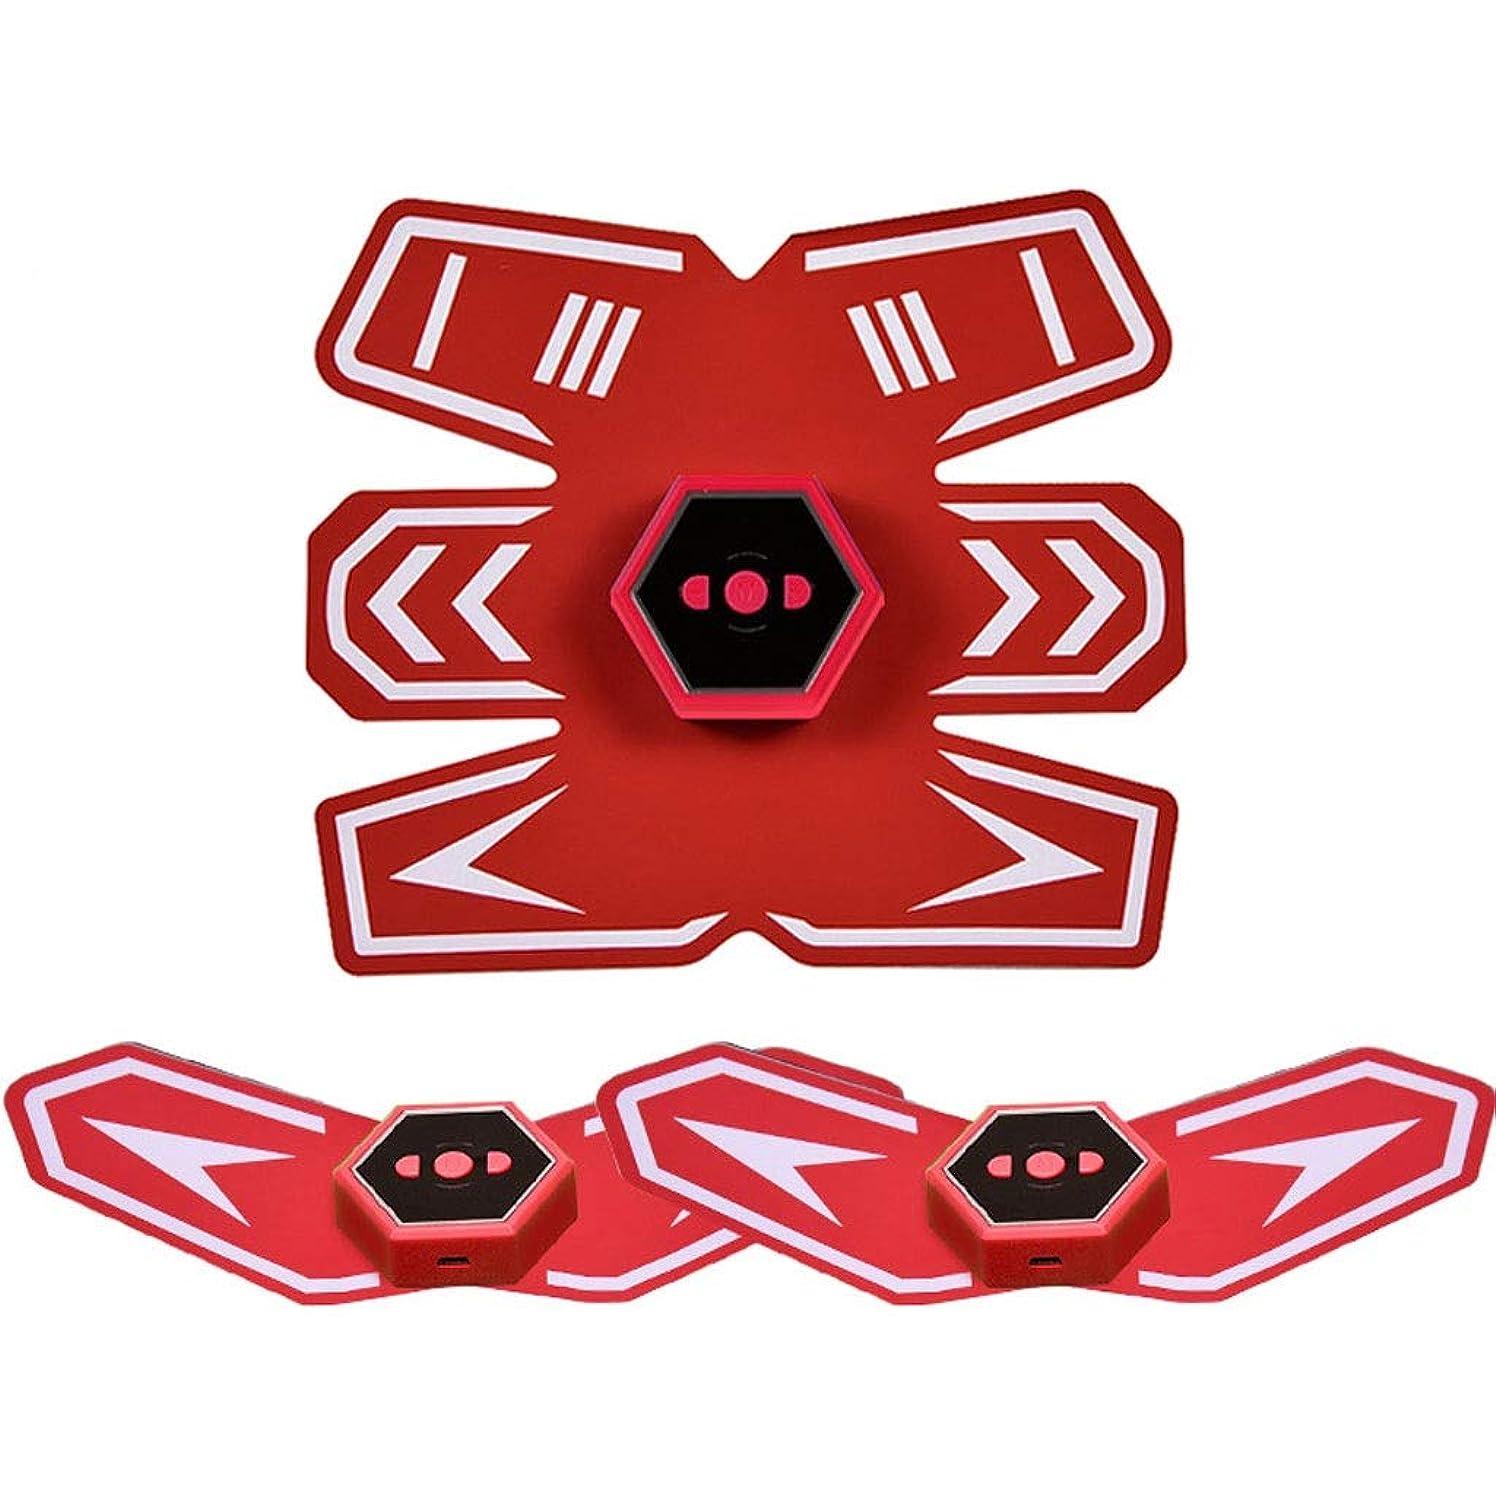 巻き戻す副詞スマートベルト腹部楽器筋肉ペースト男性と女性の筋肉腹部怠惰な腹部筋肉フィットネス機器とインテリジェント音声放送&USB充電 (Color : Red)